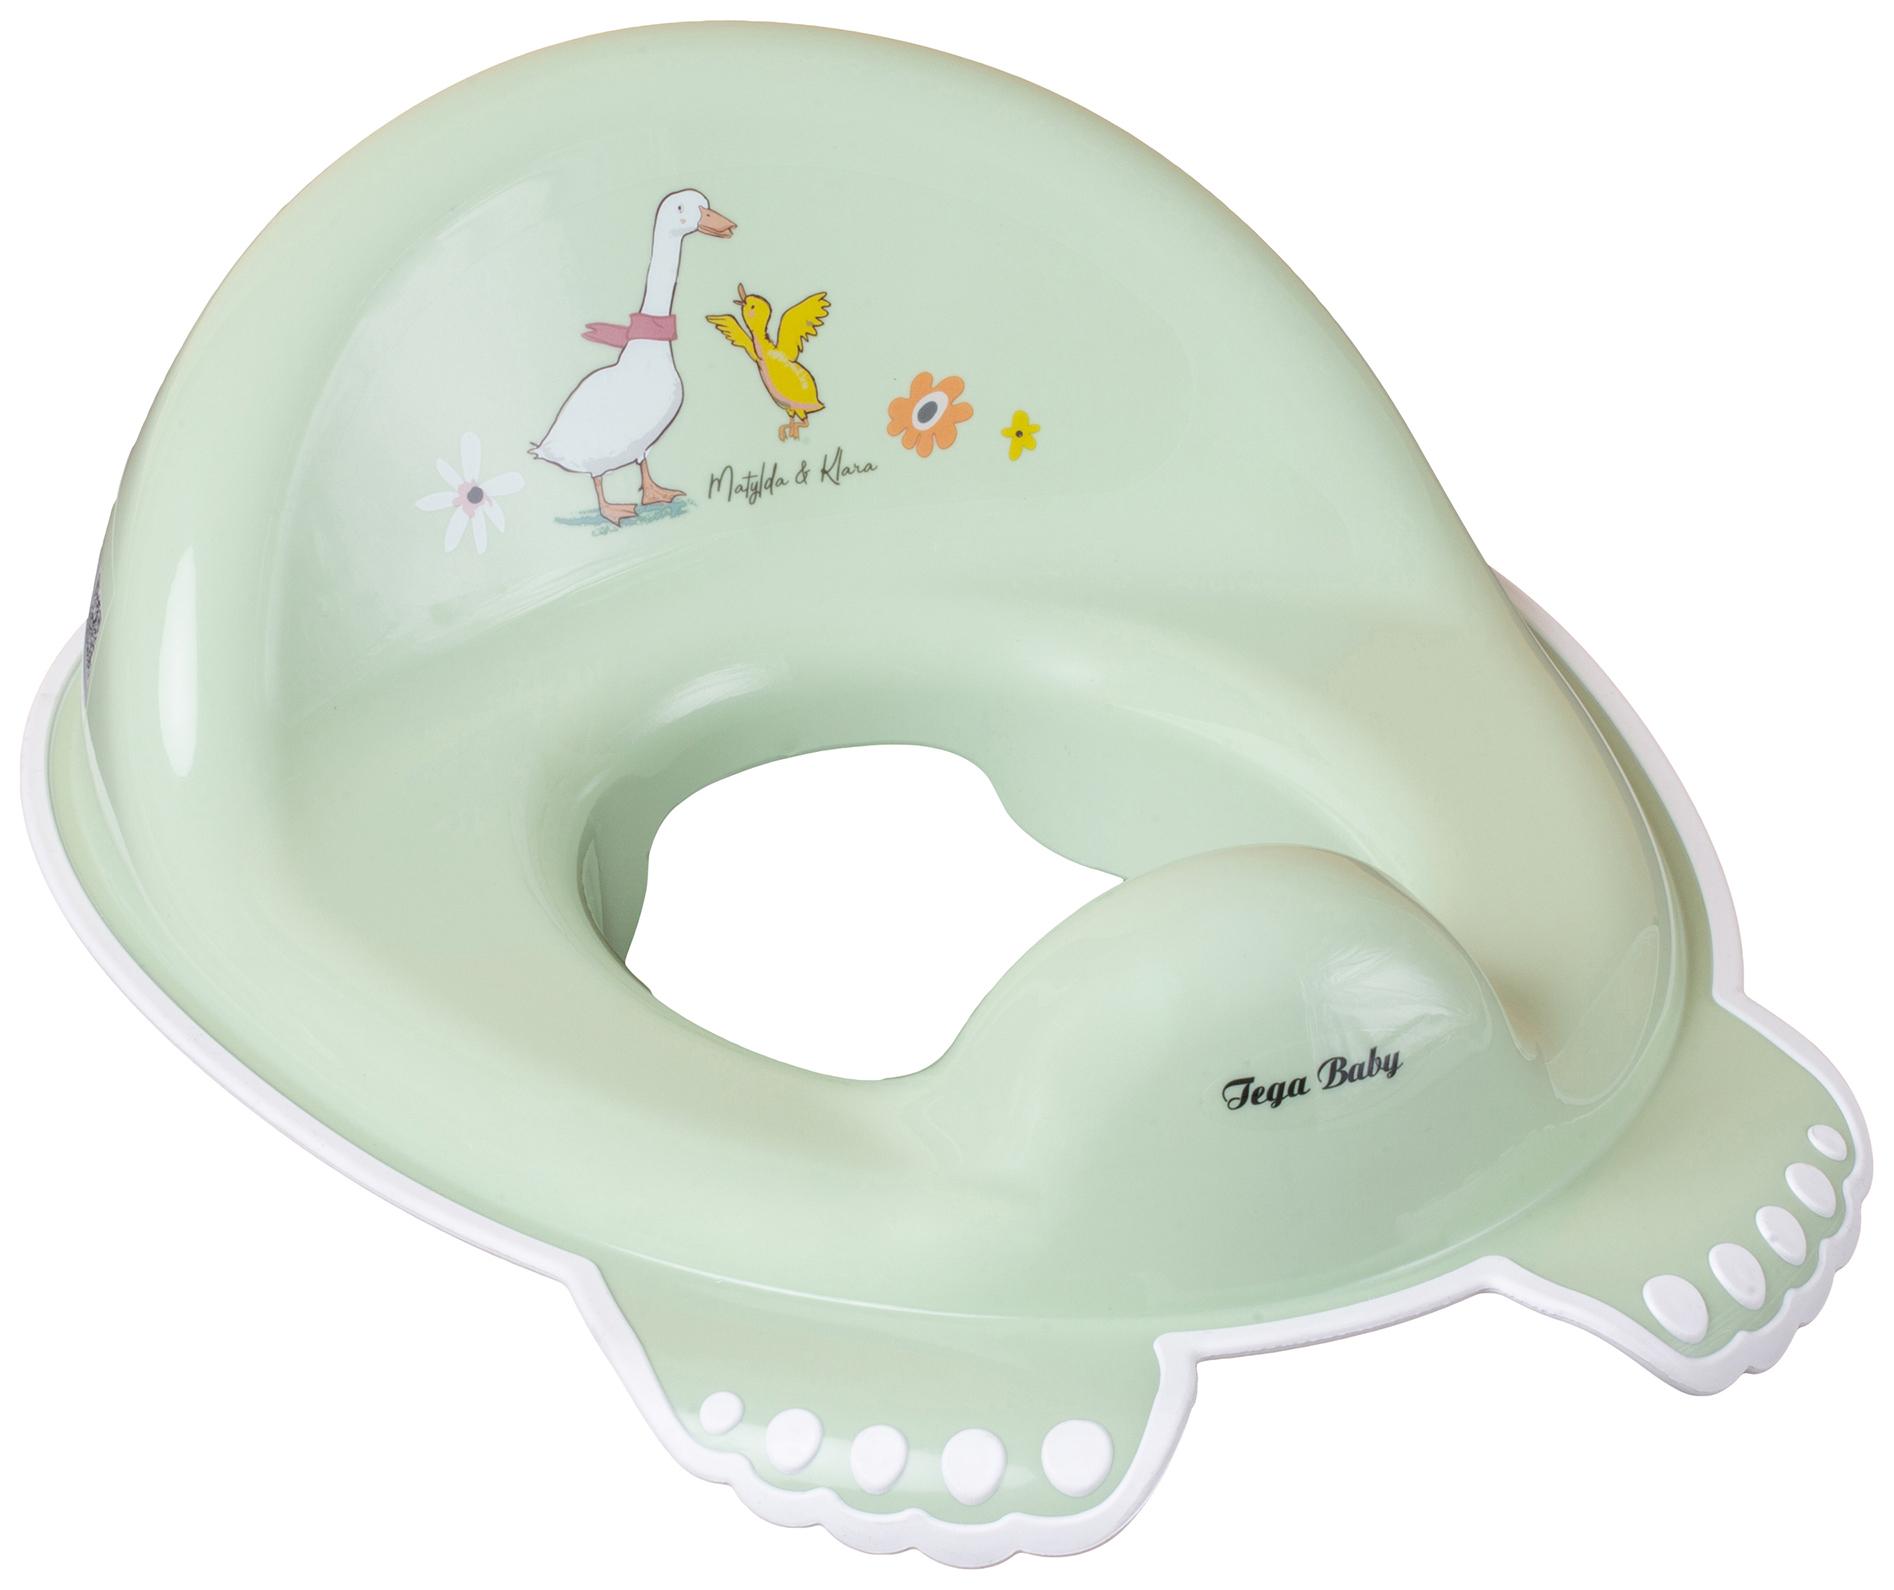 Купить Накладка Tega Baby на унитаз Лесная сказка антискользящая зеленый, Детская накладка на унитаз